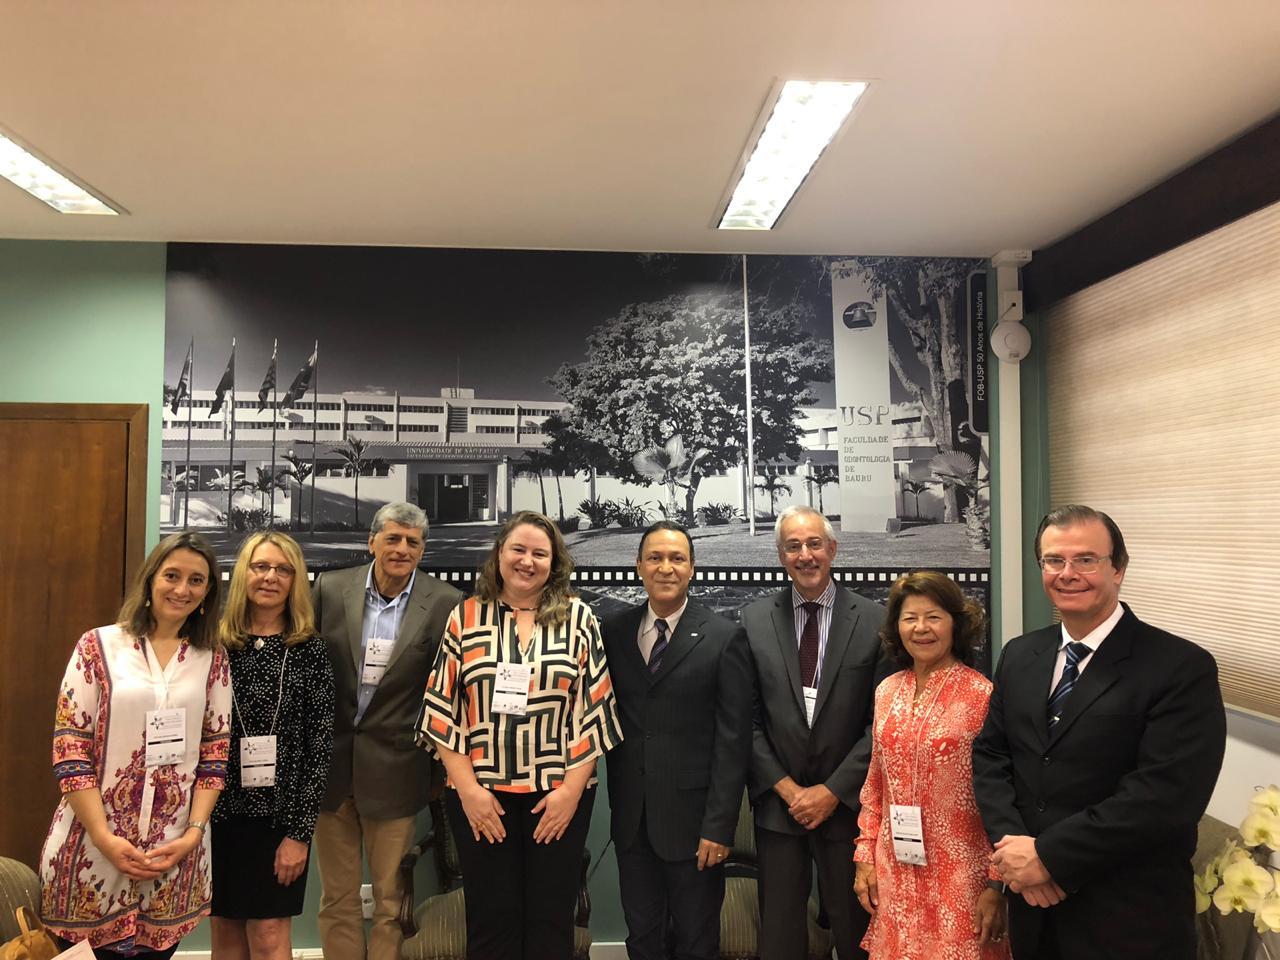 Dra. Carolina Gutierréz presente en el VI Simposio de fisuras orofaciales y anomalías relacionadas en Brasil.